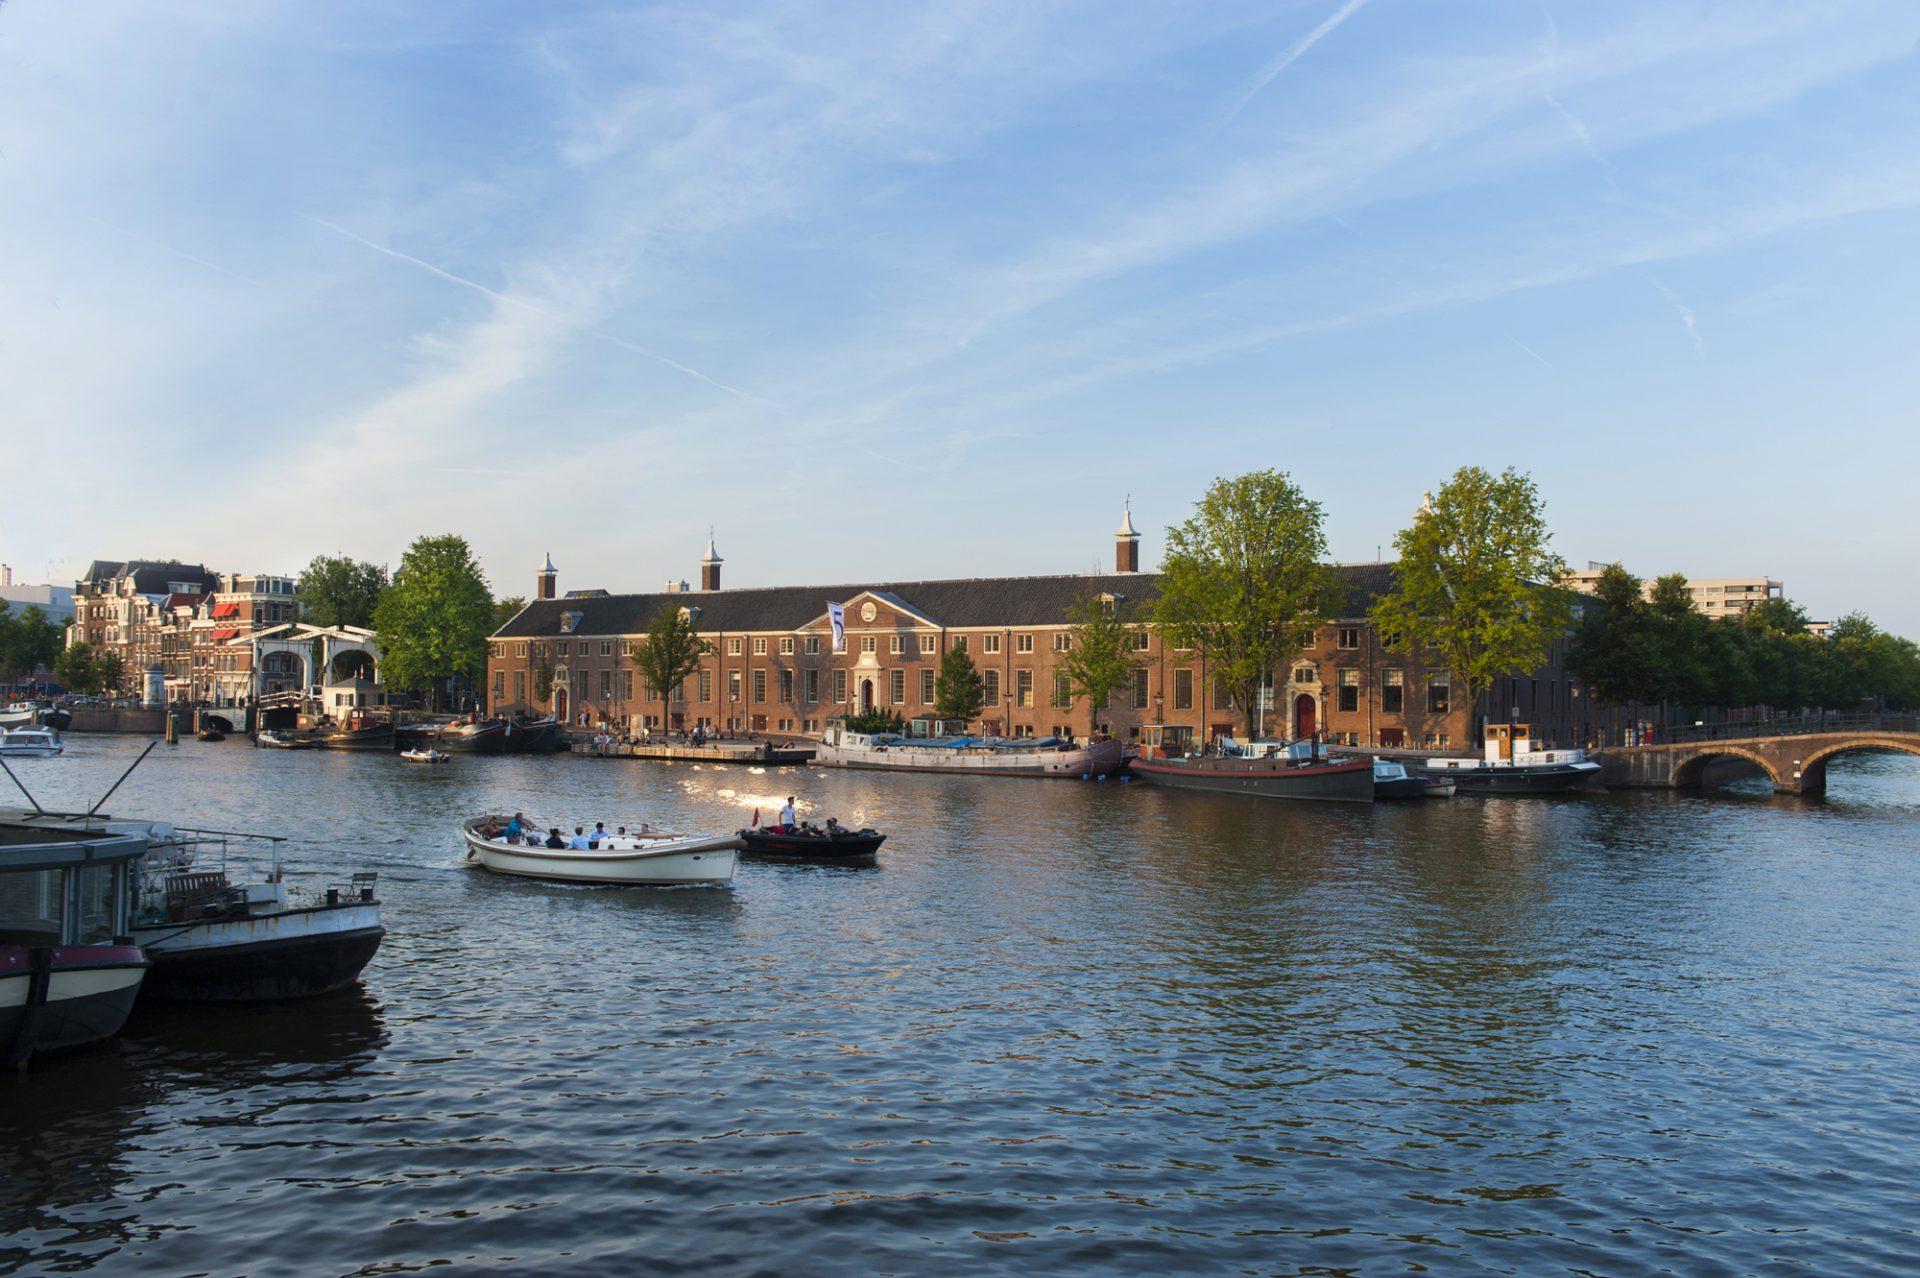 hermitage_amsterdam-algemeen (4)